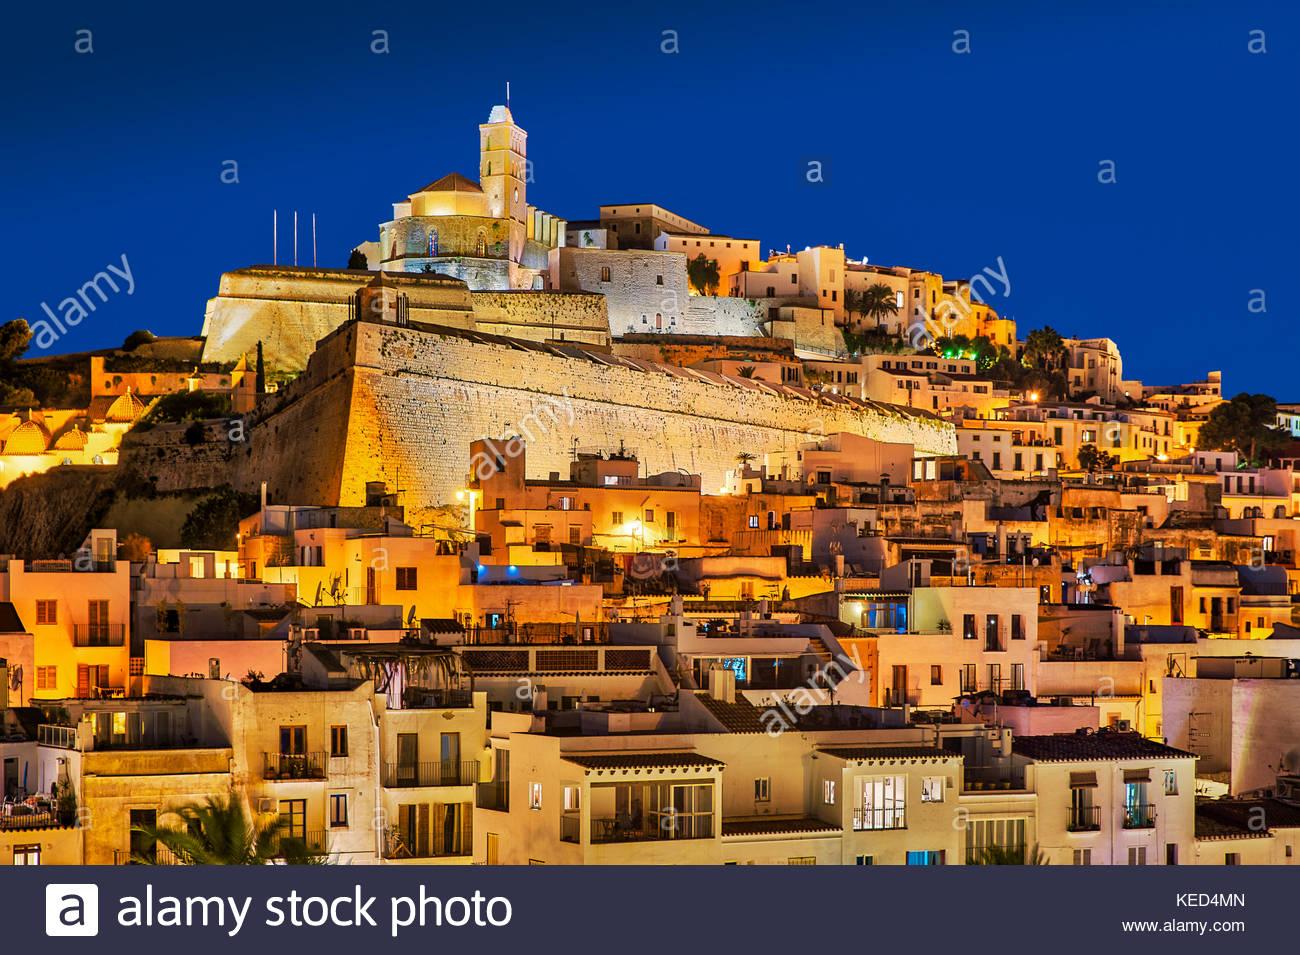 La ciudad de Ibiza y la catedral de Santa Maria d'Eivissa por la noche, Ibiza, Islas Baleares, España. Imagen De Stock